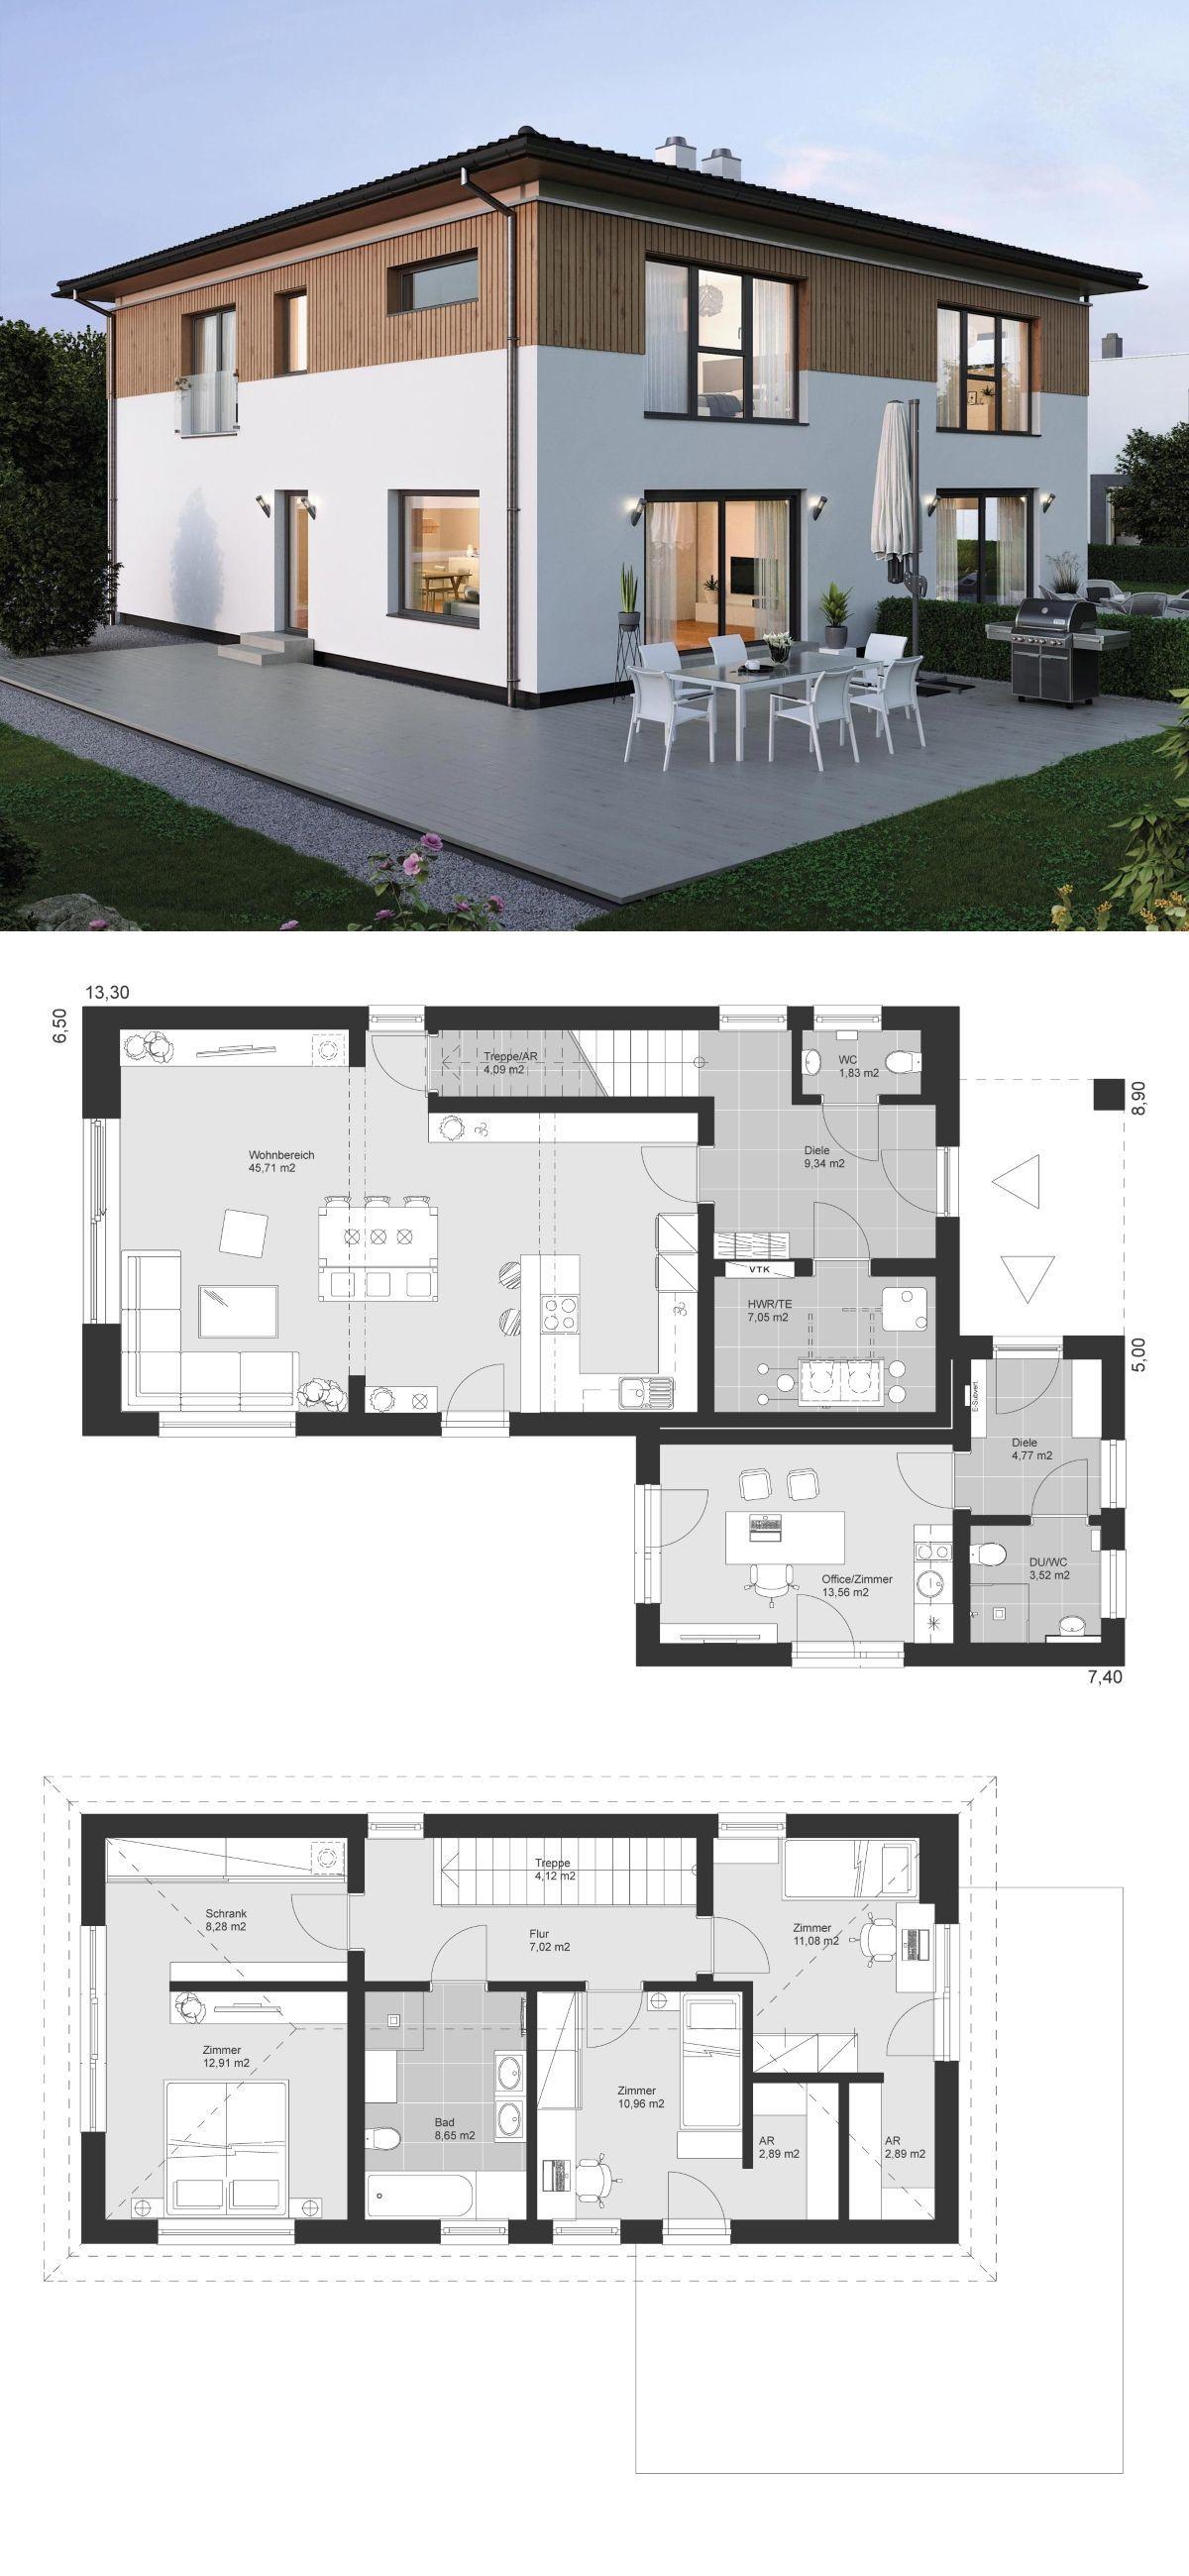 Einfamilienhaus Grundriss schmal mit Walmdach Architektur